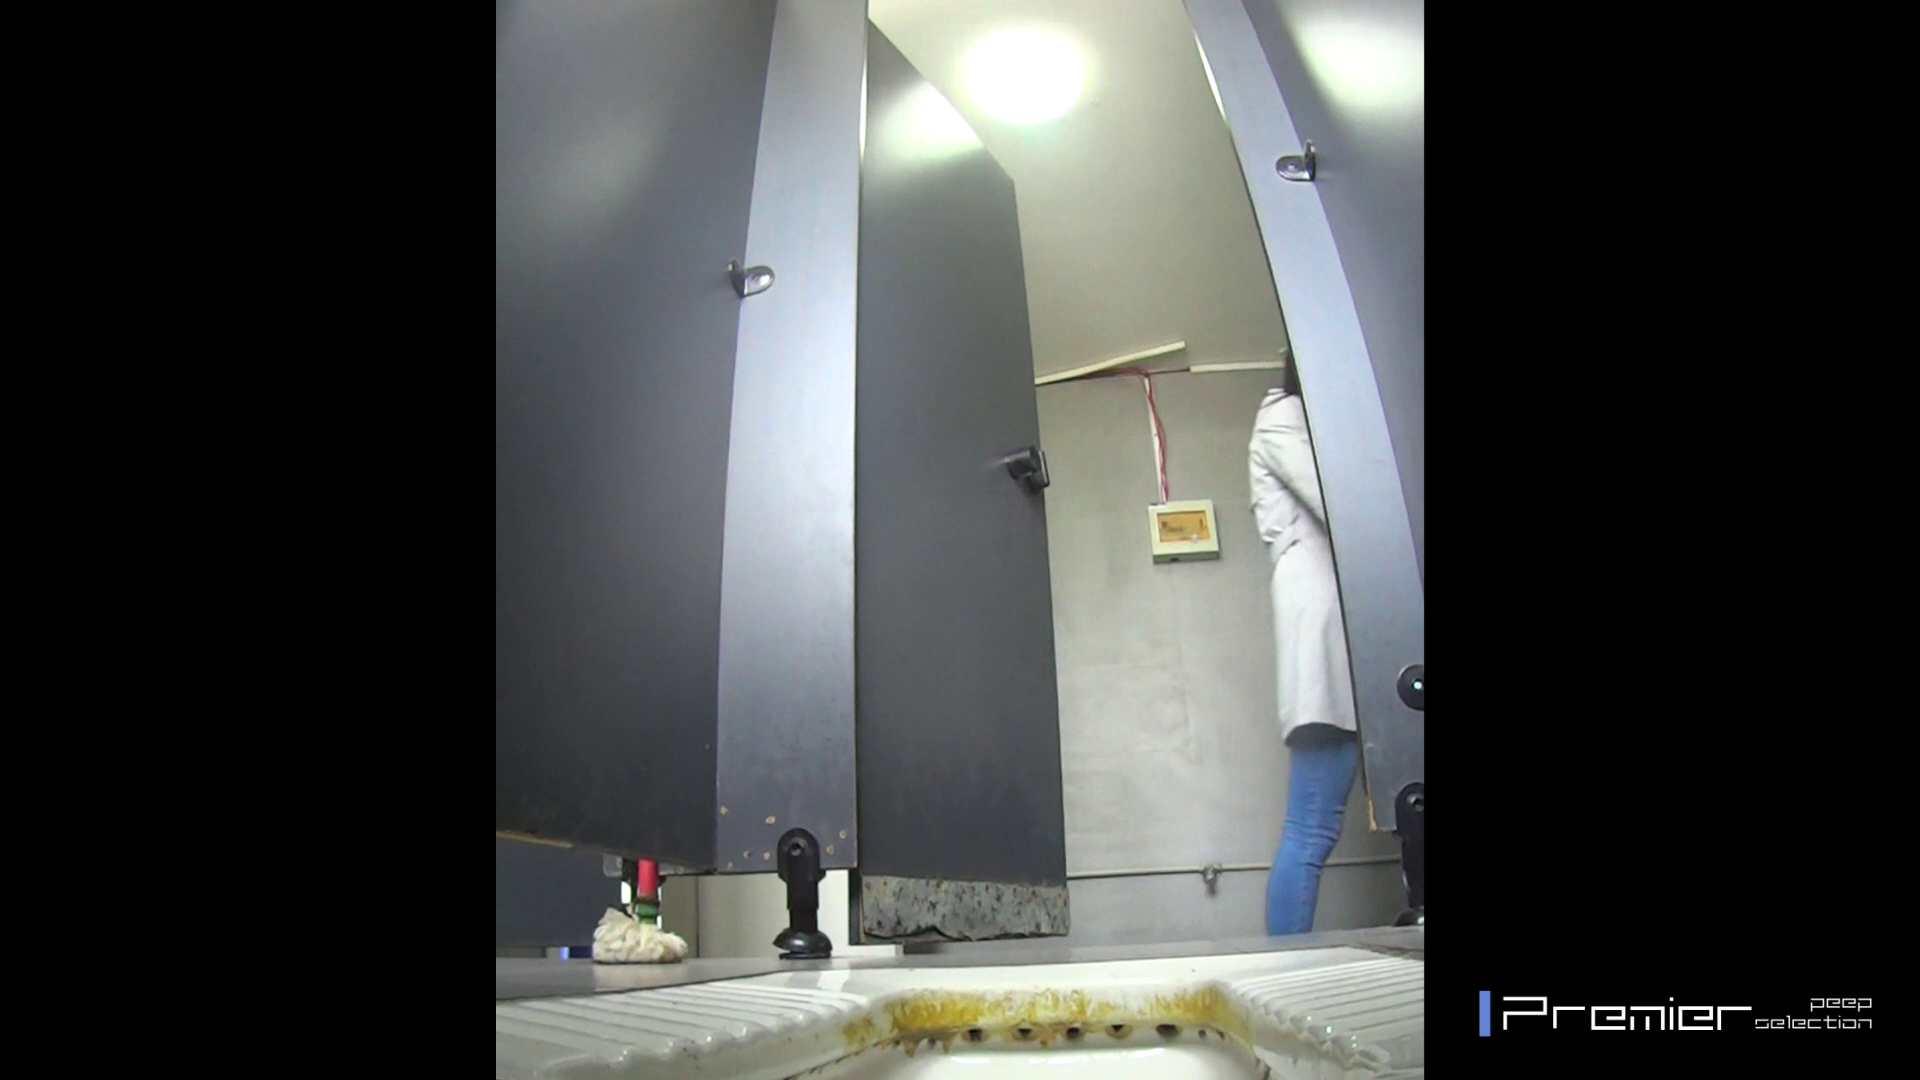 高画質で見る美女達の洗面所 大学休憩時間の洗面所事情14 高画質 隠し撮りセックス画像 43pic 19